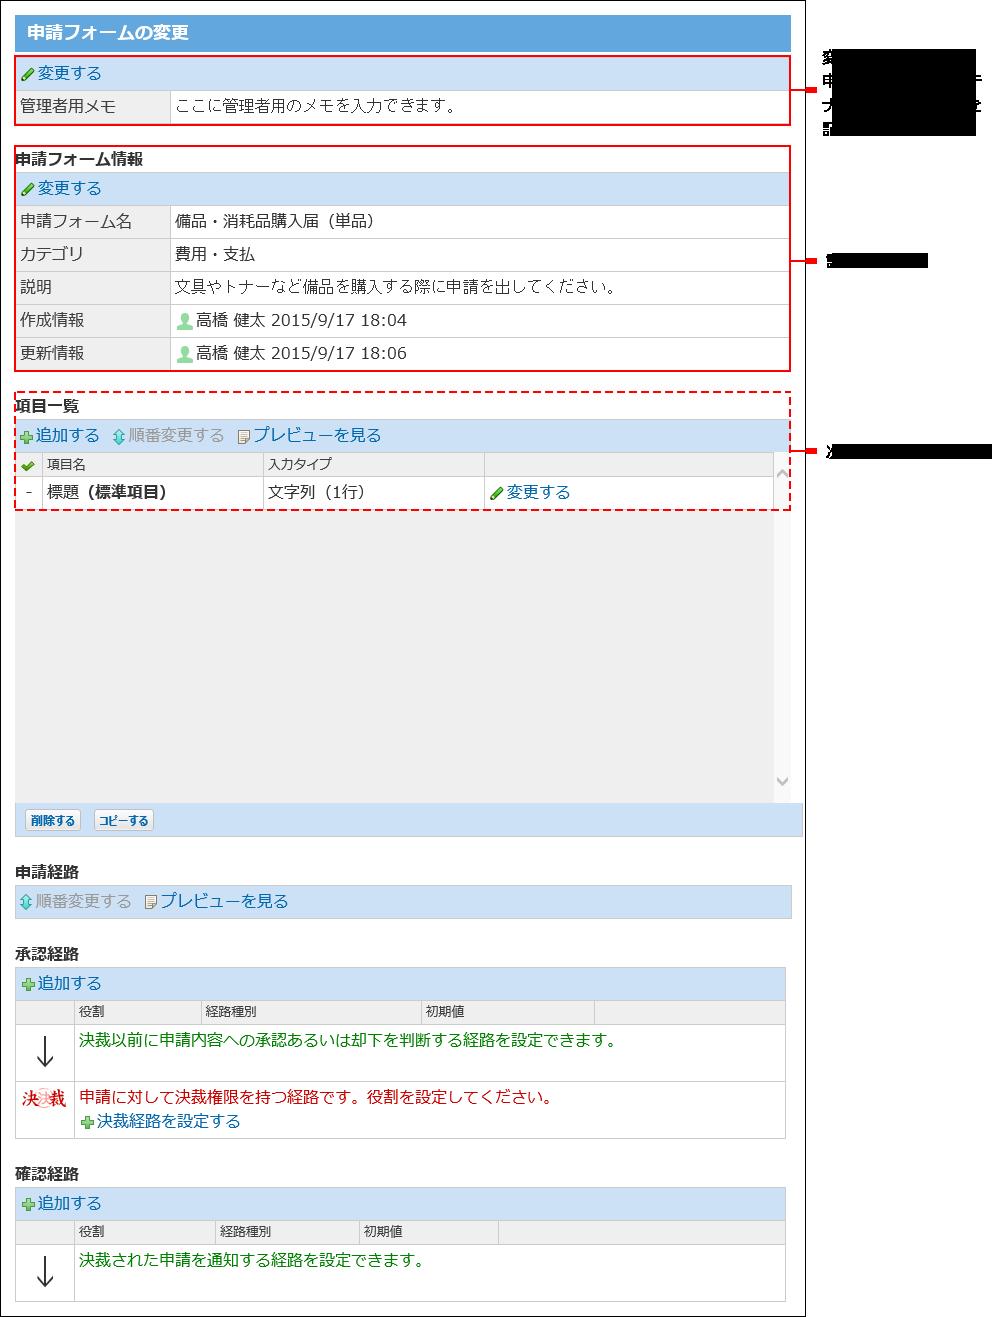 申請フォームの変更画面の画像